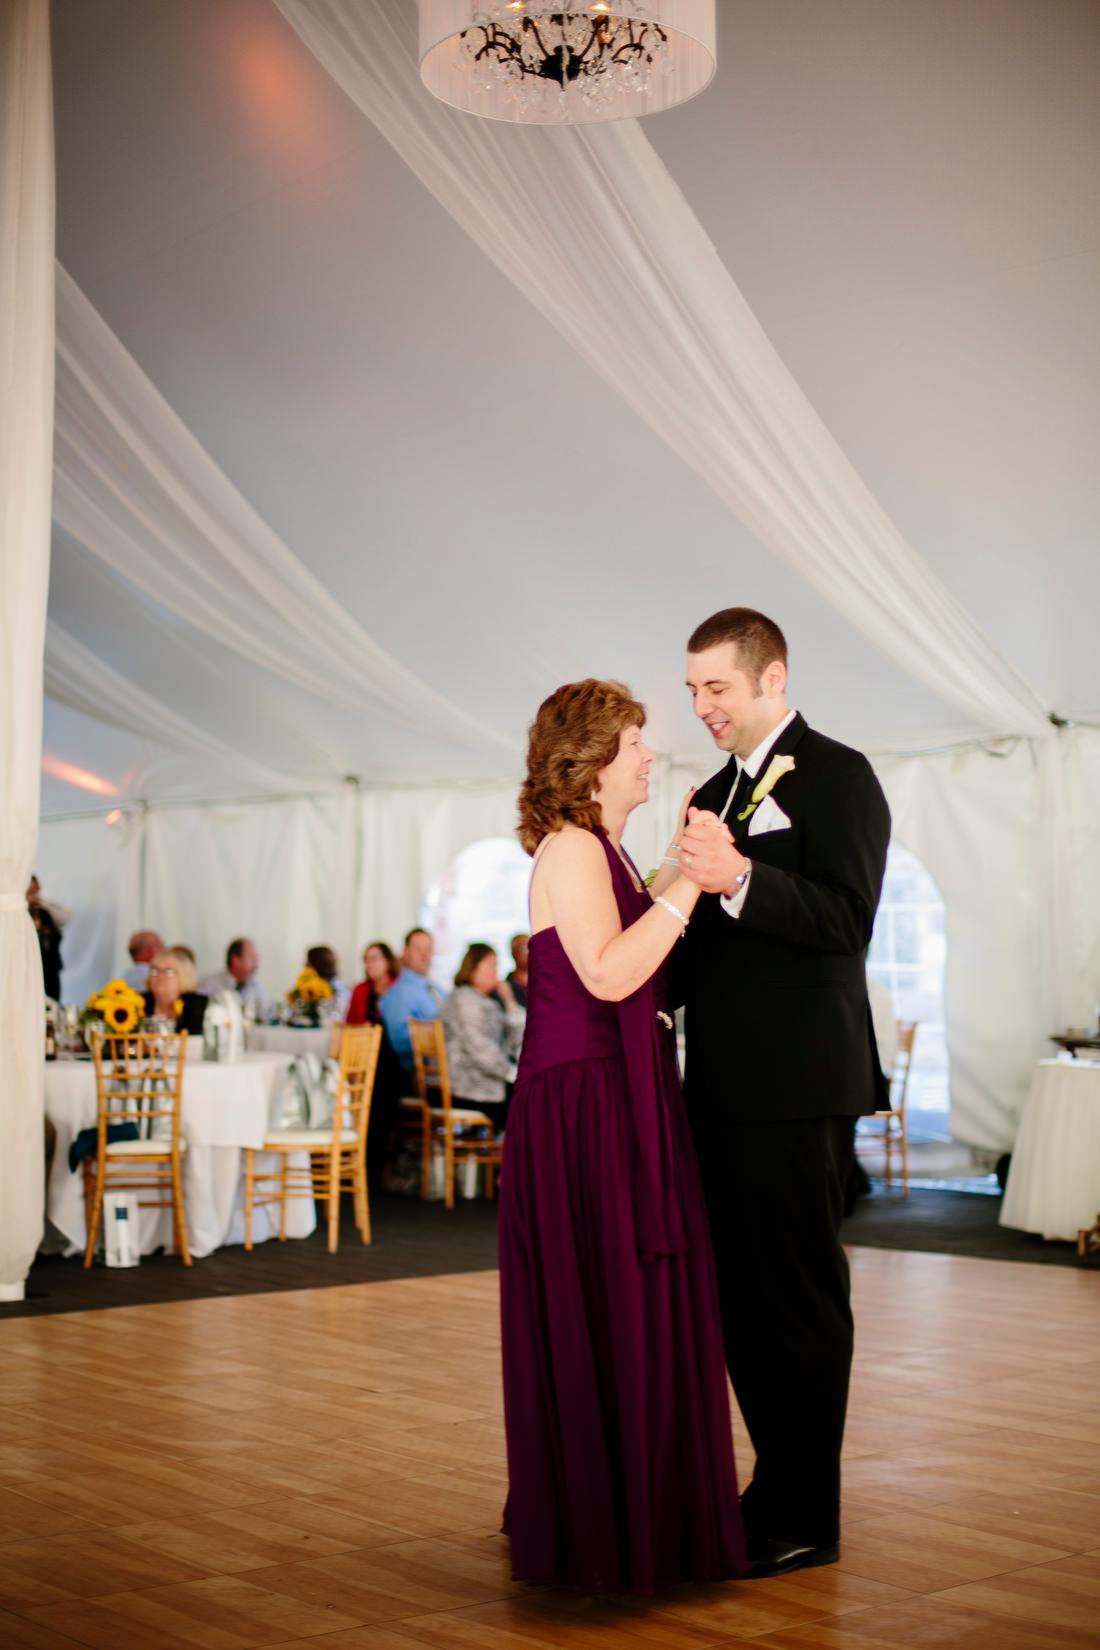 searles_castle_wedding_245.JPG